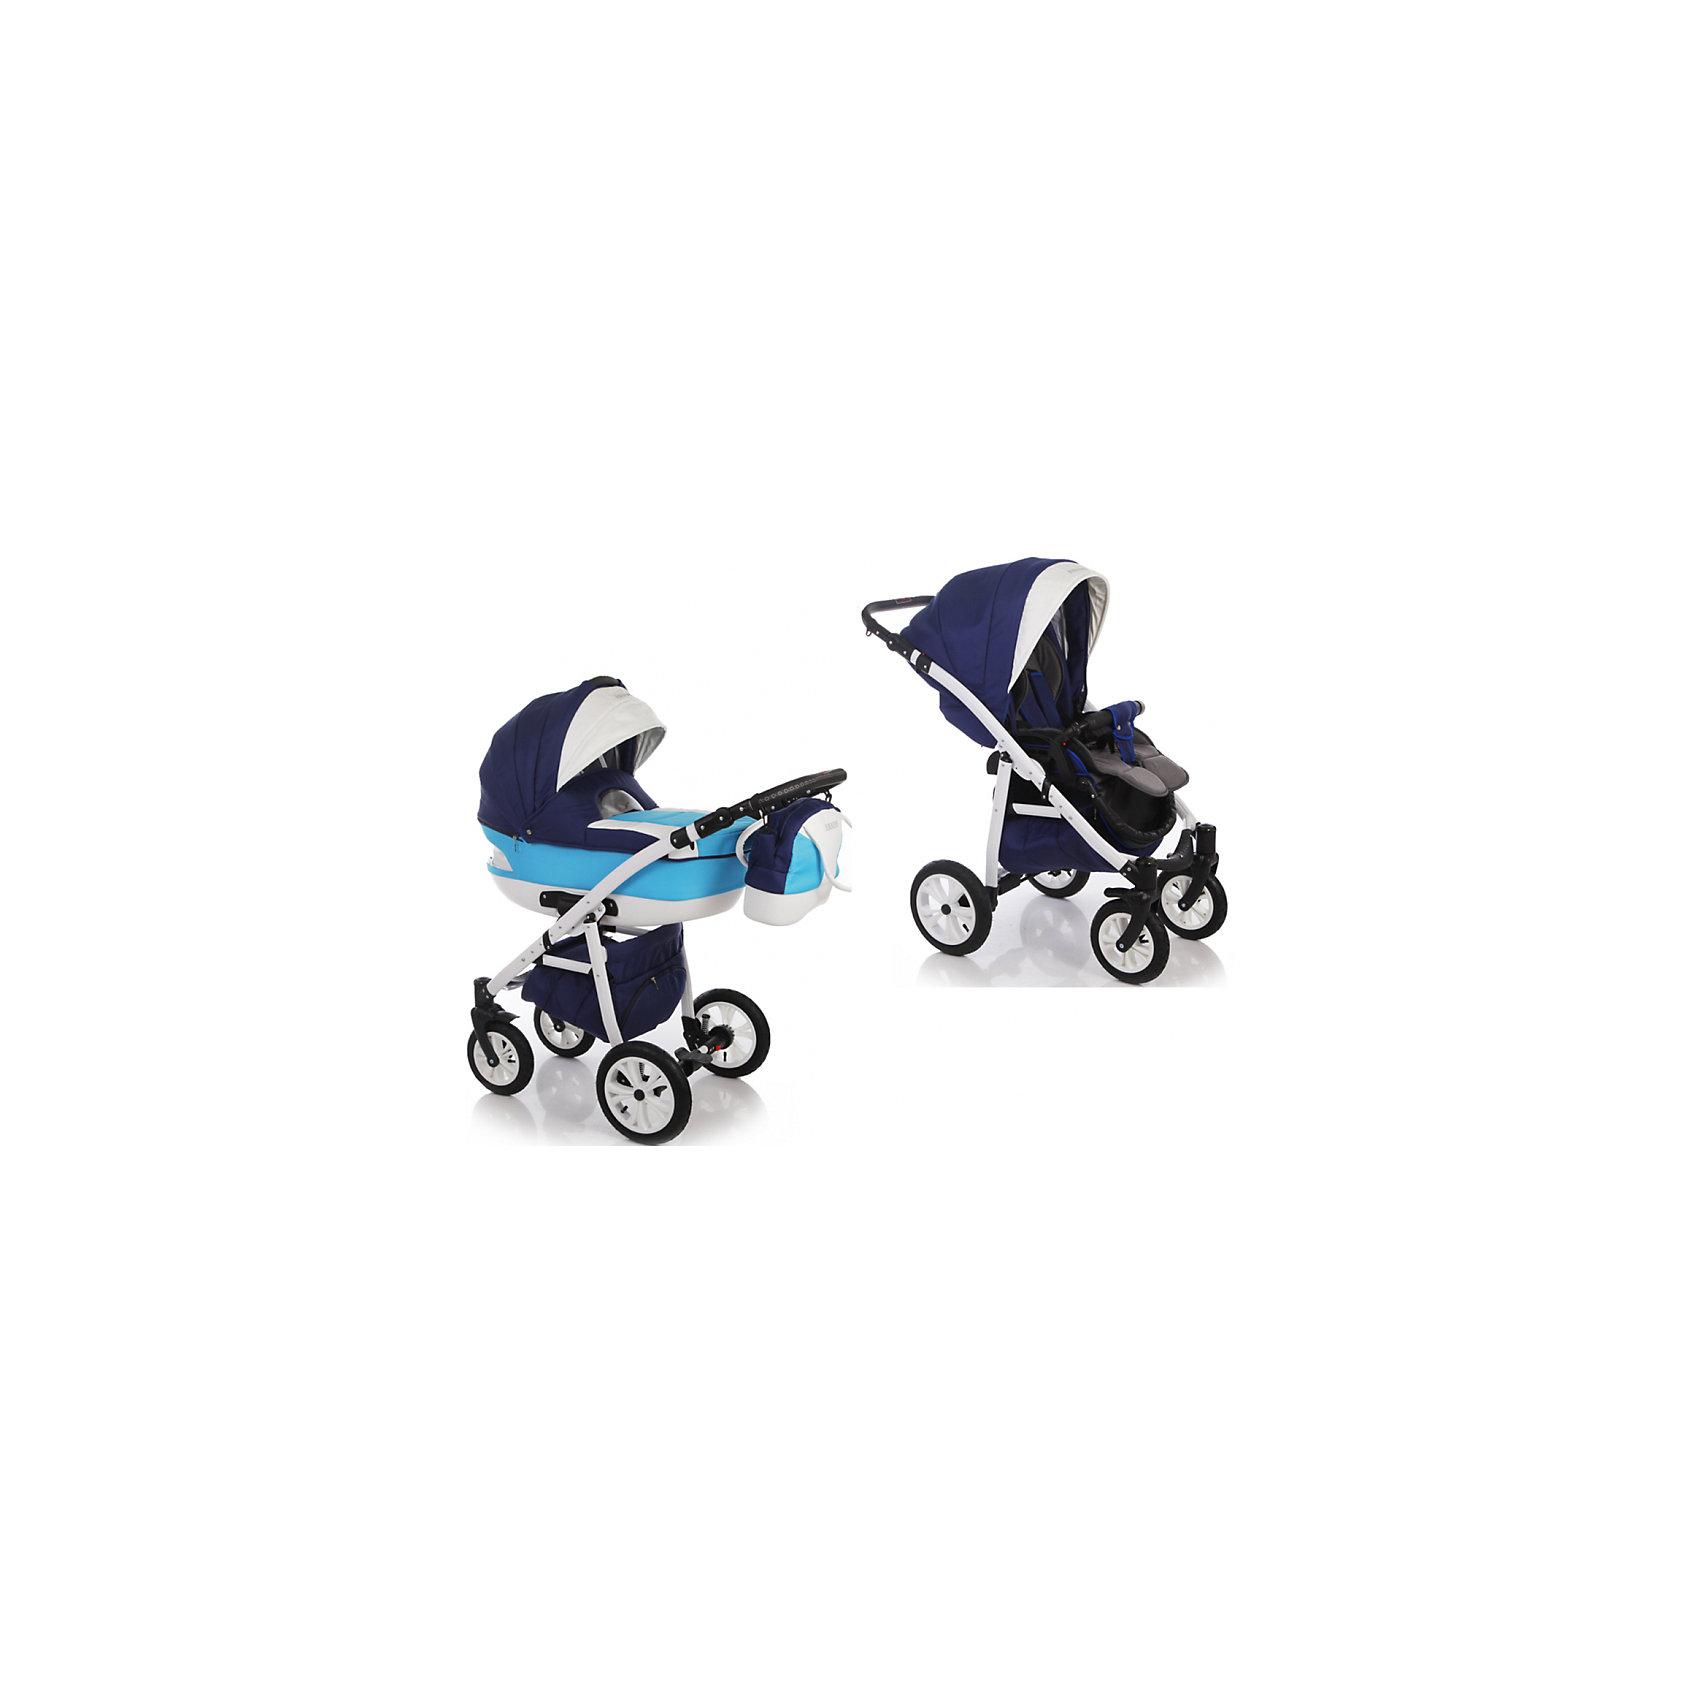 Коляска 2 в 1 Ifratti AMADIS, синий/белый/голубойКоляски 2 в 1<br>Ifratti Amadis - новая, манёвренная и лёгкая  в управлении многофункциональная,  модульная коляска с  возможностью установки автомобильного кресла.<br>Современный дизайн выполнен в оригинальном стиле. В люльке и чехле, покрывающем люльку, смодулированы смотровые окна. Для  детей с рождения до трёх лет.<br>Особенности:<br>Переносная люлька для детей с рождения до 6 месяцев:<br>- Просторная пластиковая люлька( 42/85 см.) с регулируемым подголовником;<br>- Люлька устанавливается в 2х направлениях лицом к маме, лицом к дороге;<br>- Простая и удобная система крепления на раму;<br>- Съемная подкладка из 100% хлопка, с возможностью стирки;<br>- Капюшон складной, съемный с вентиляционным окошком;<br>- Опускающийся козырёк для защиты от непогоды;<br>- Бесшумная система складывания капора;<br>- Кожаная ручка, для использования люльки в качестве переноски;<br>- Размер спального места ДхШхВ: 82 см х 39 см х 23см. Прогулочный блок для детей от 6 месяцев  до 3-х лет.<br>- Удобное, широкое посадочное место;<br>- Полная регулировка спинки до положения лёжа; <br>- Регулировка подножки по высоте;<br>- Пятиточечные ремни безопасности с мягкими накладками, регулируемые по высоте;<br>- Съёмный передний поручень с перемычкой между ножек;<br>- Большой капор с солнцезащитным козырьком;<br>- Чехол для ножек;<br>- Размер спального местаДхШ: 92 х 38 см. <br>- Новейшей конструкции алюминиевая рама;<br>- Механизм компактного складывания по типу книжка;<br>-  Установка прогулочного блока возможна в двух направлениях;<br>- Надувные съёмные колеса на подшипниках;<br>-  Передние поворотные на 360° колеса с механизмом блокировки;<br>-  Диаметр колес: задние 29 см, передние 24см<br>-  Усиленная, регулируемая пружинная амортизация;<br>- Регулировка ручки по высоте;<br>- Надежный центральный тормоз;<br><br>Комплектация: <br>- Люлька;<br>- Прогулочный блок с капором;<br>-  Рама;<br>-  Сумка для мамы;<br>-  Москитная сетка и дождевик.<br>Р